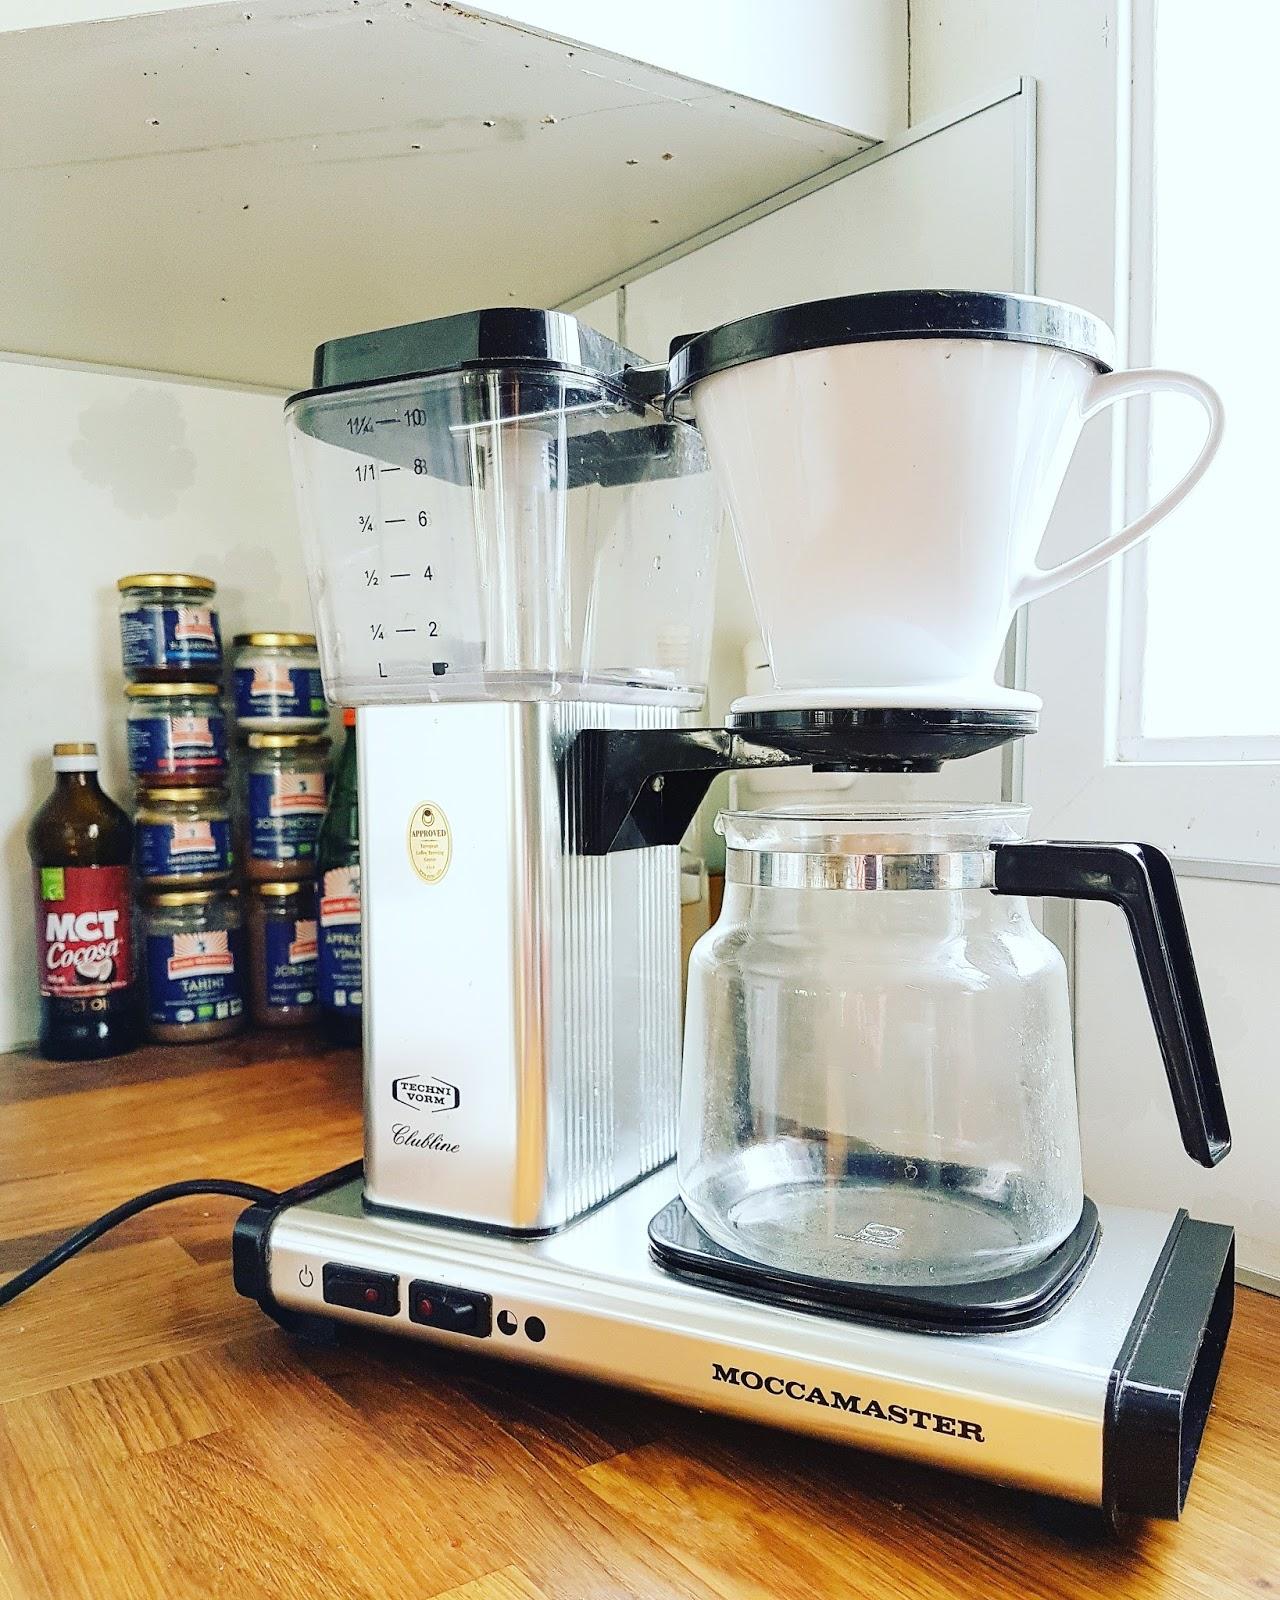 hur avkalkar man en kaffebryggare